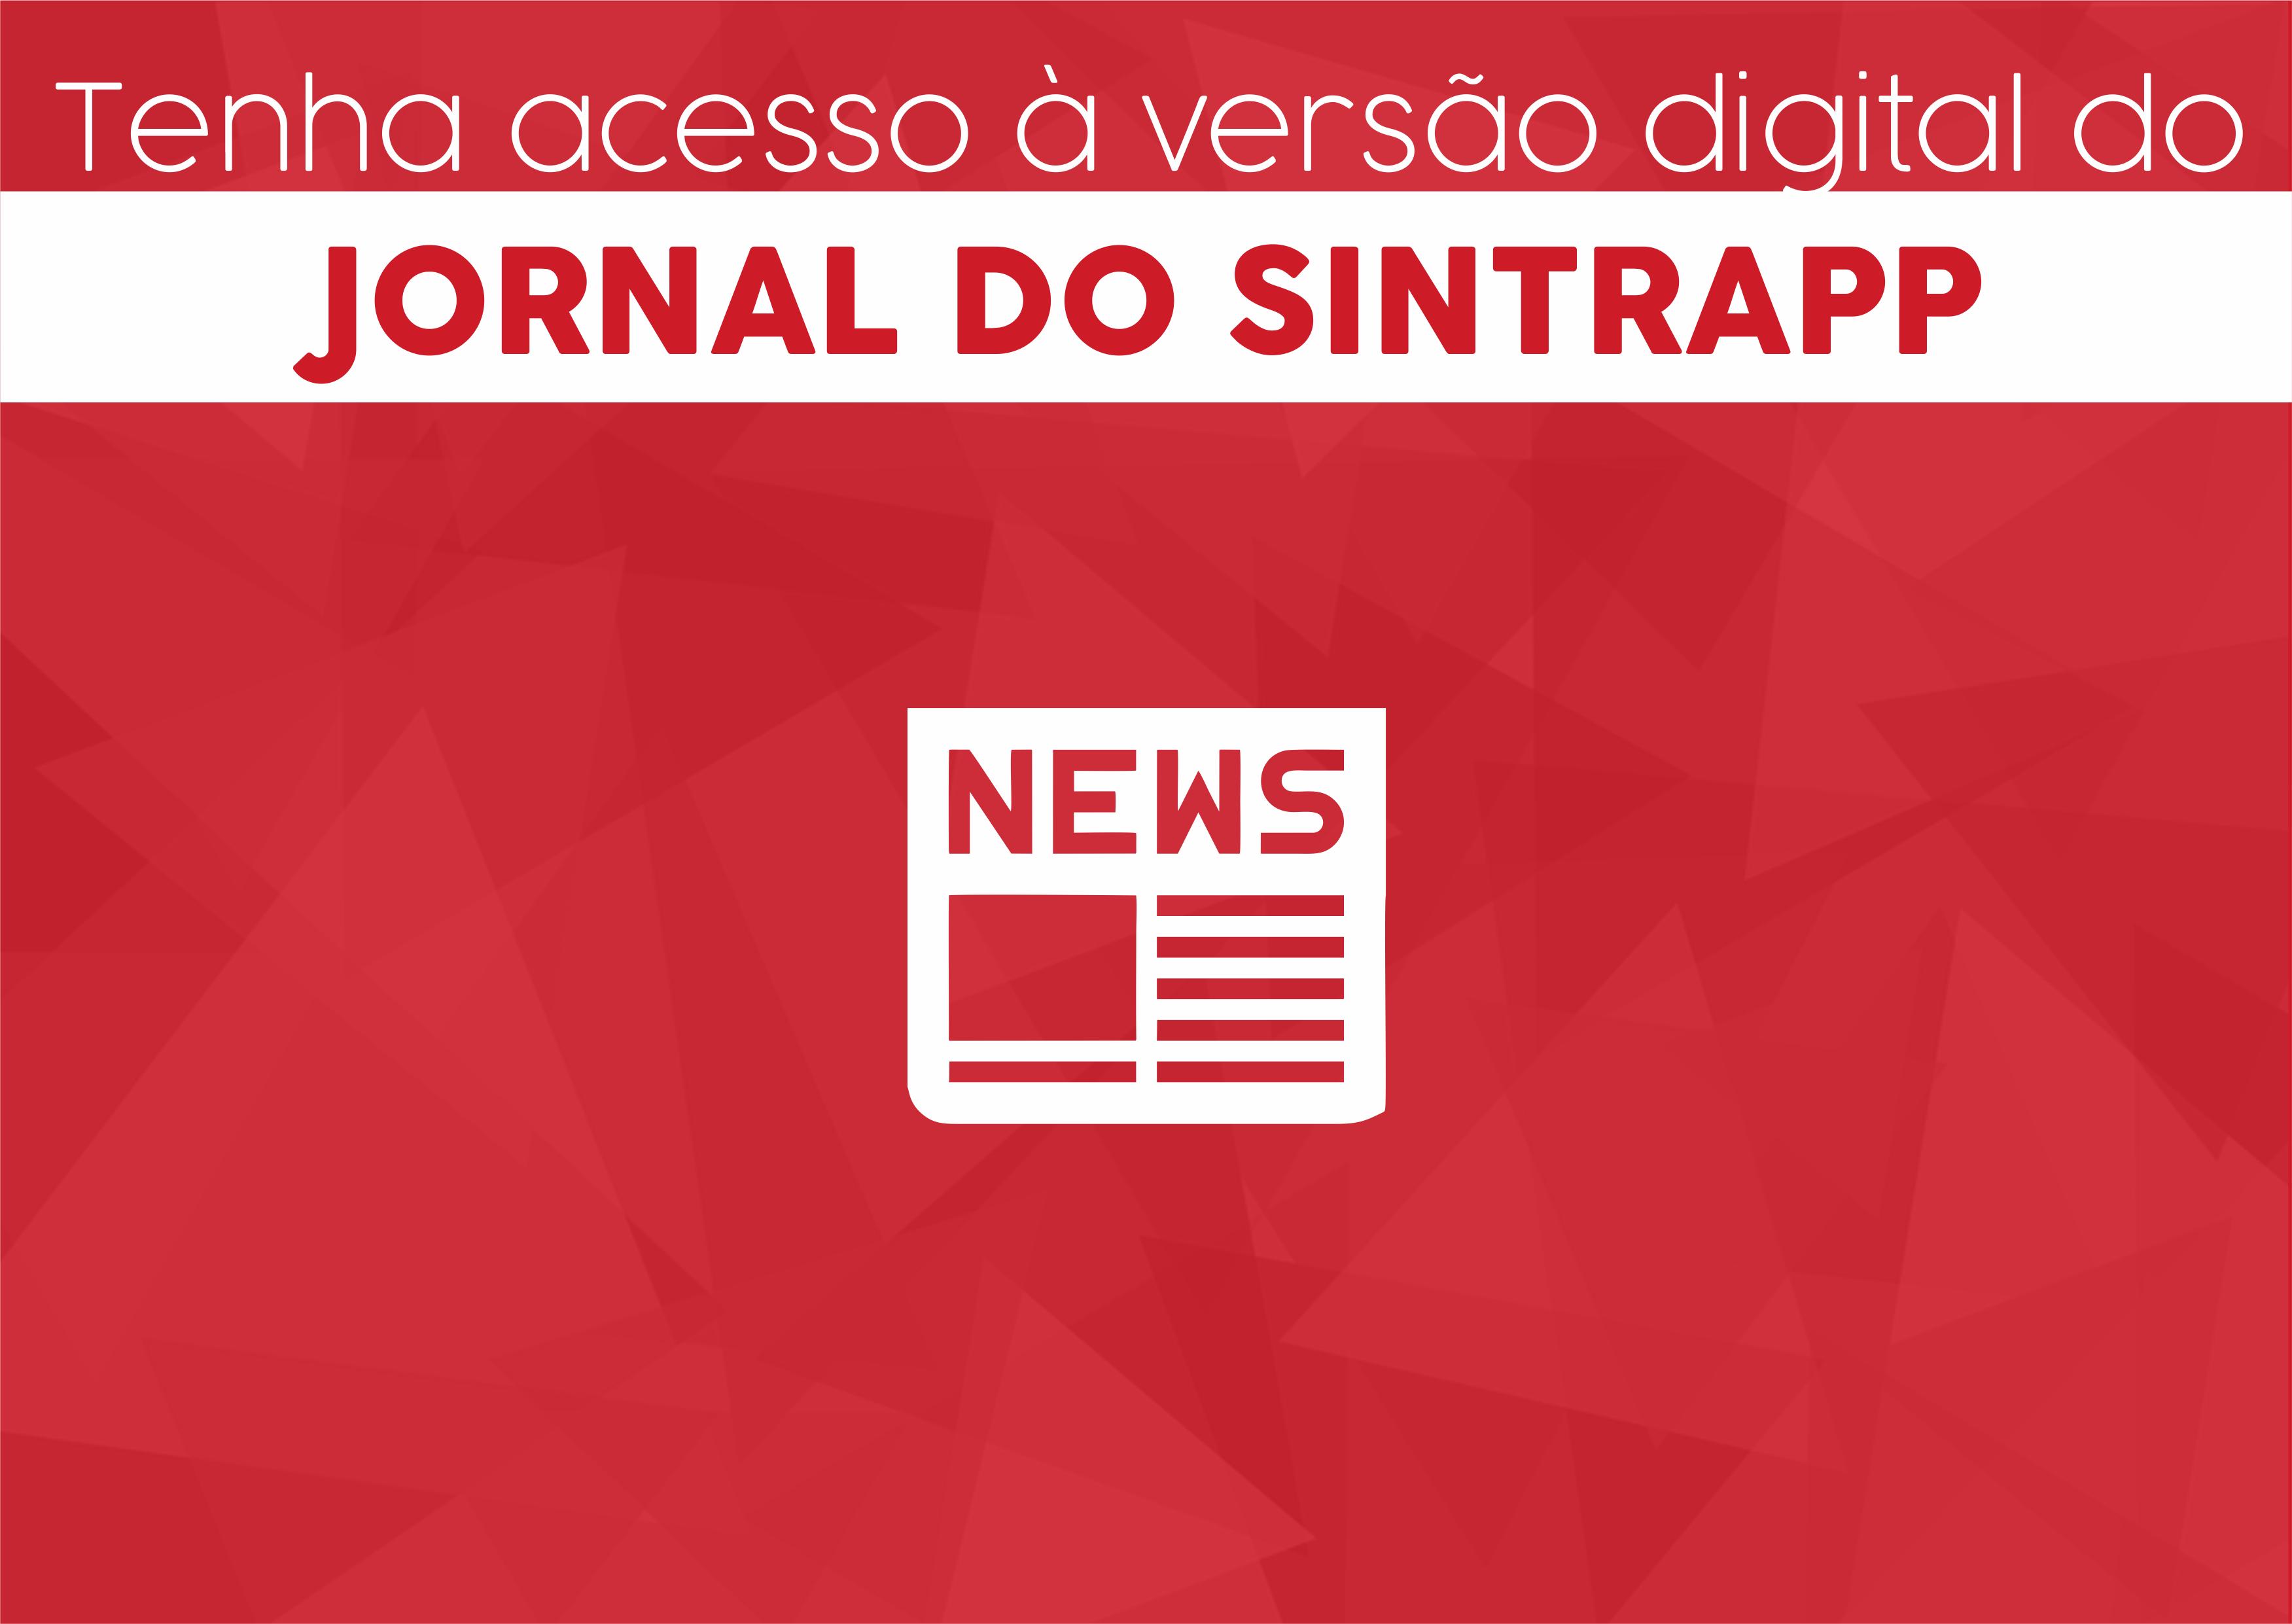 Tenha acesso digital ao Jornal do Sintrapp